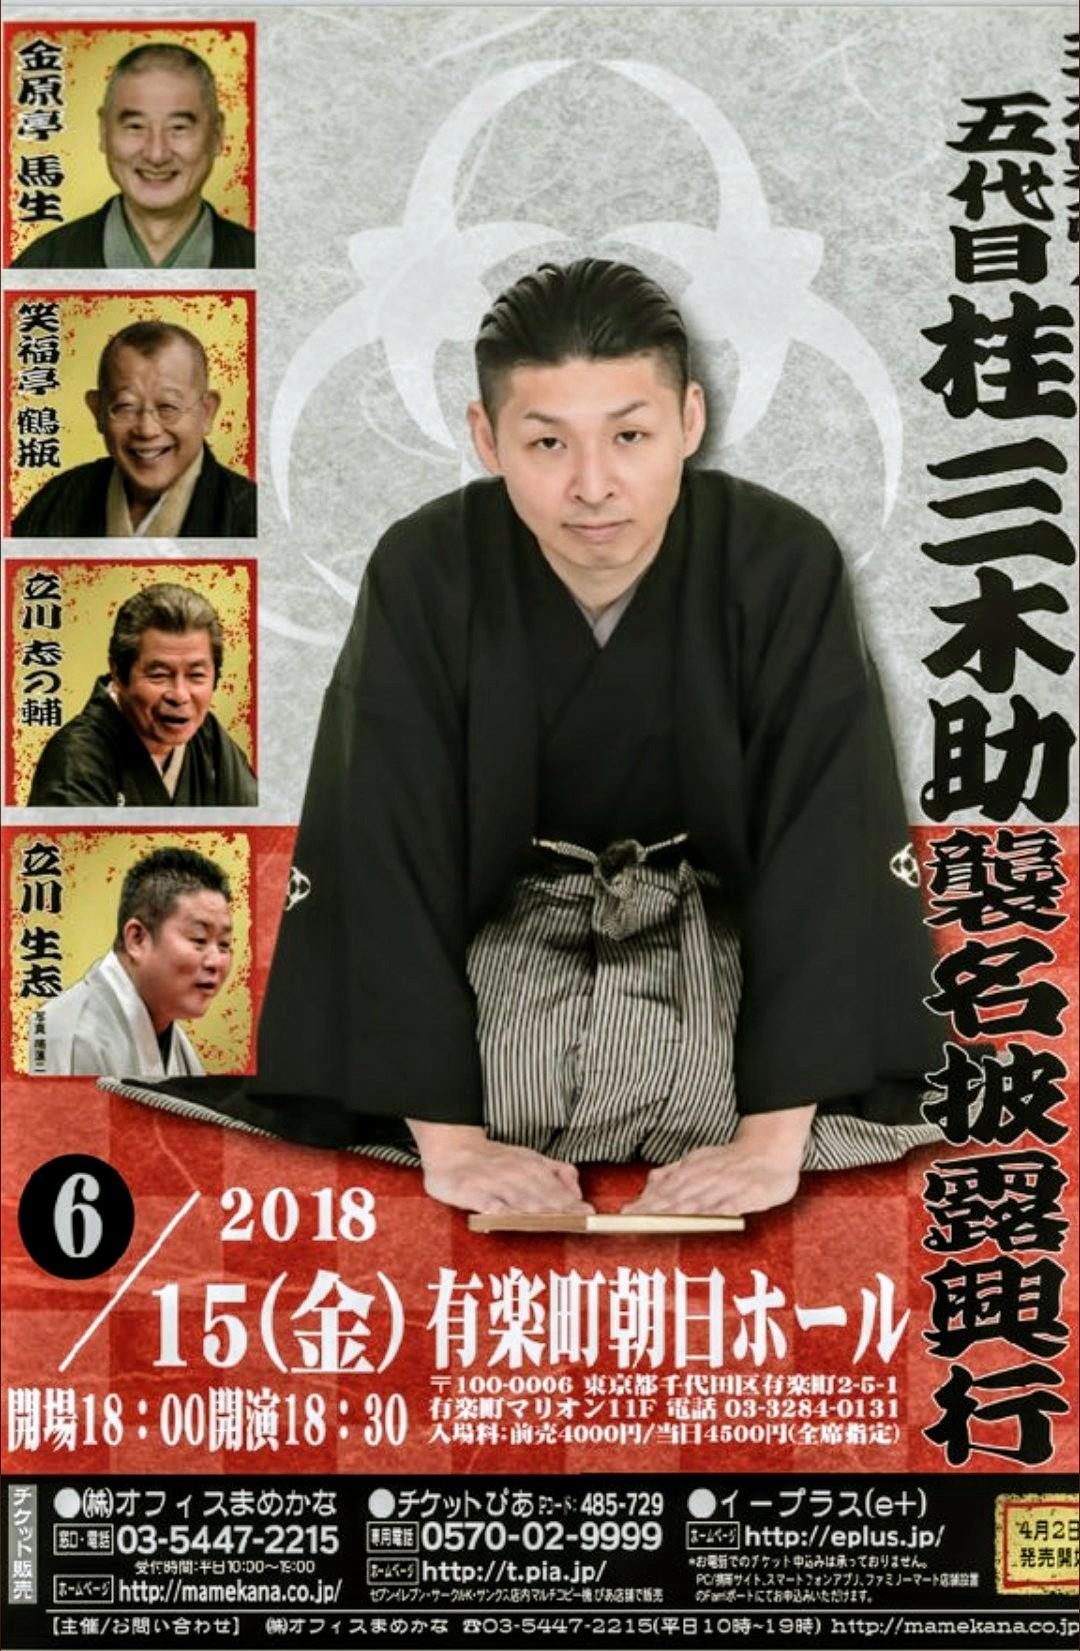 五代目桂三木助襲名披露興行